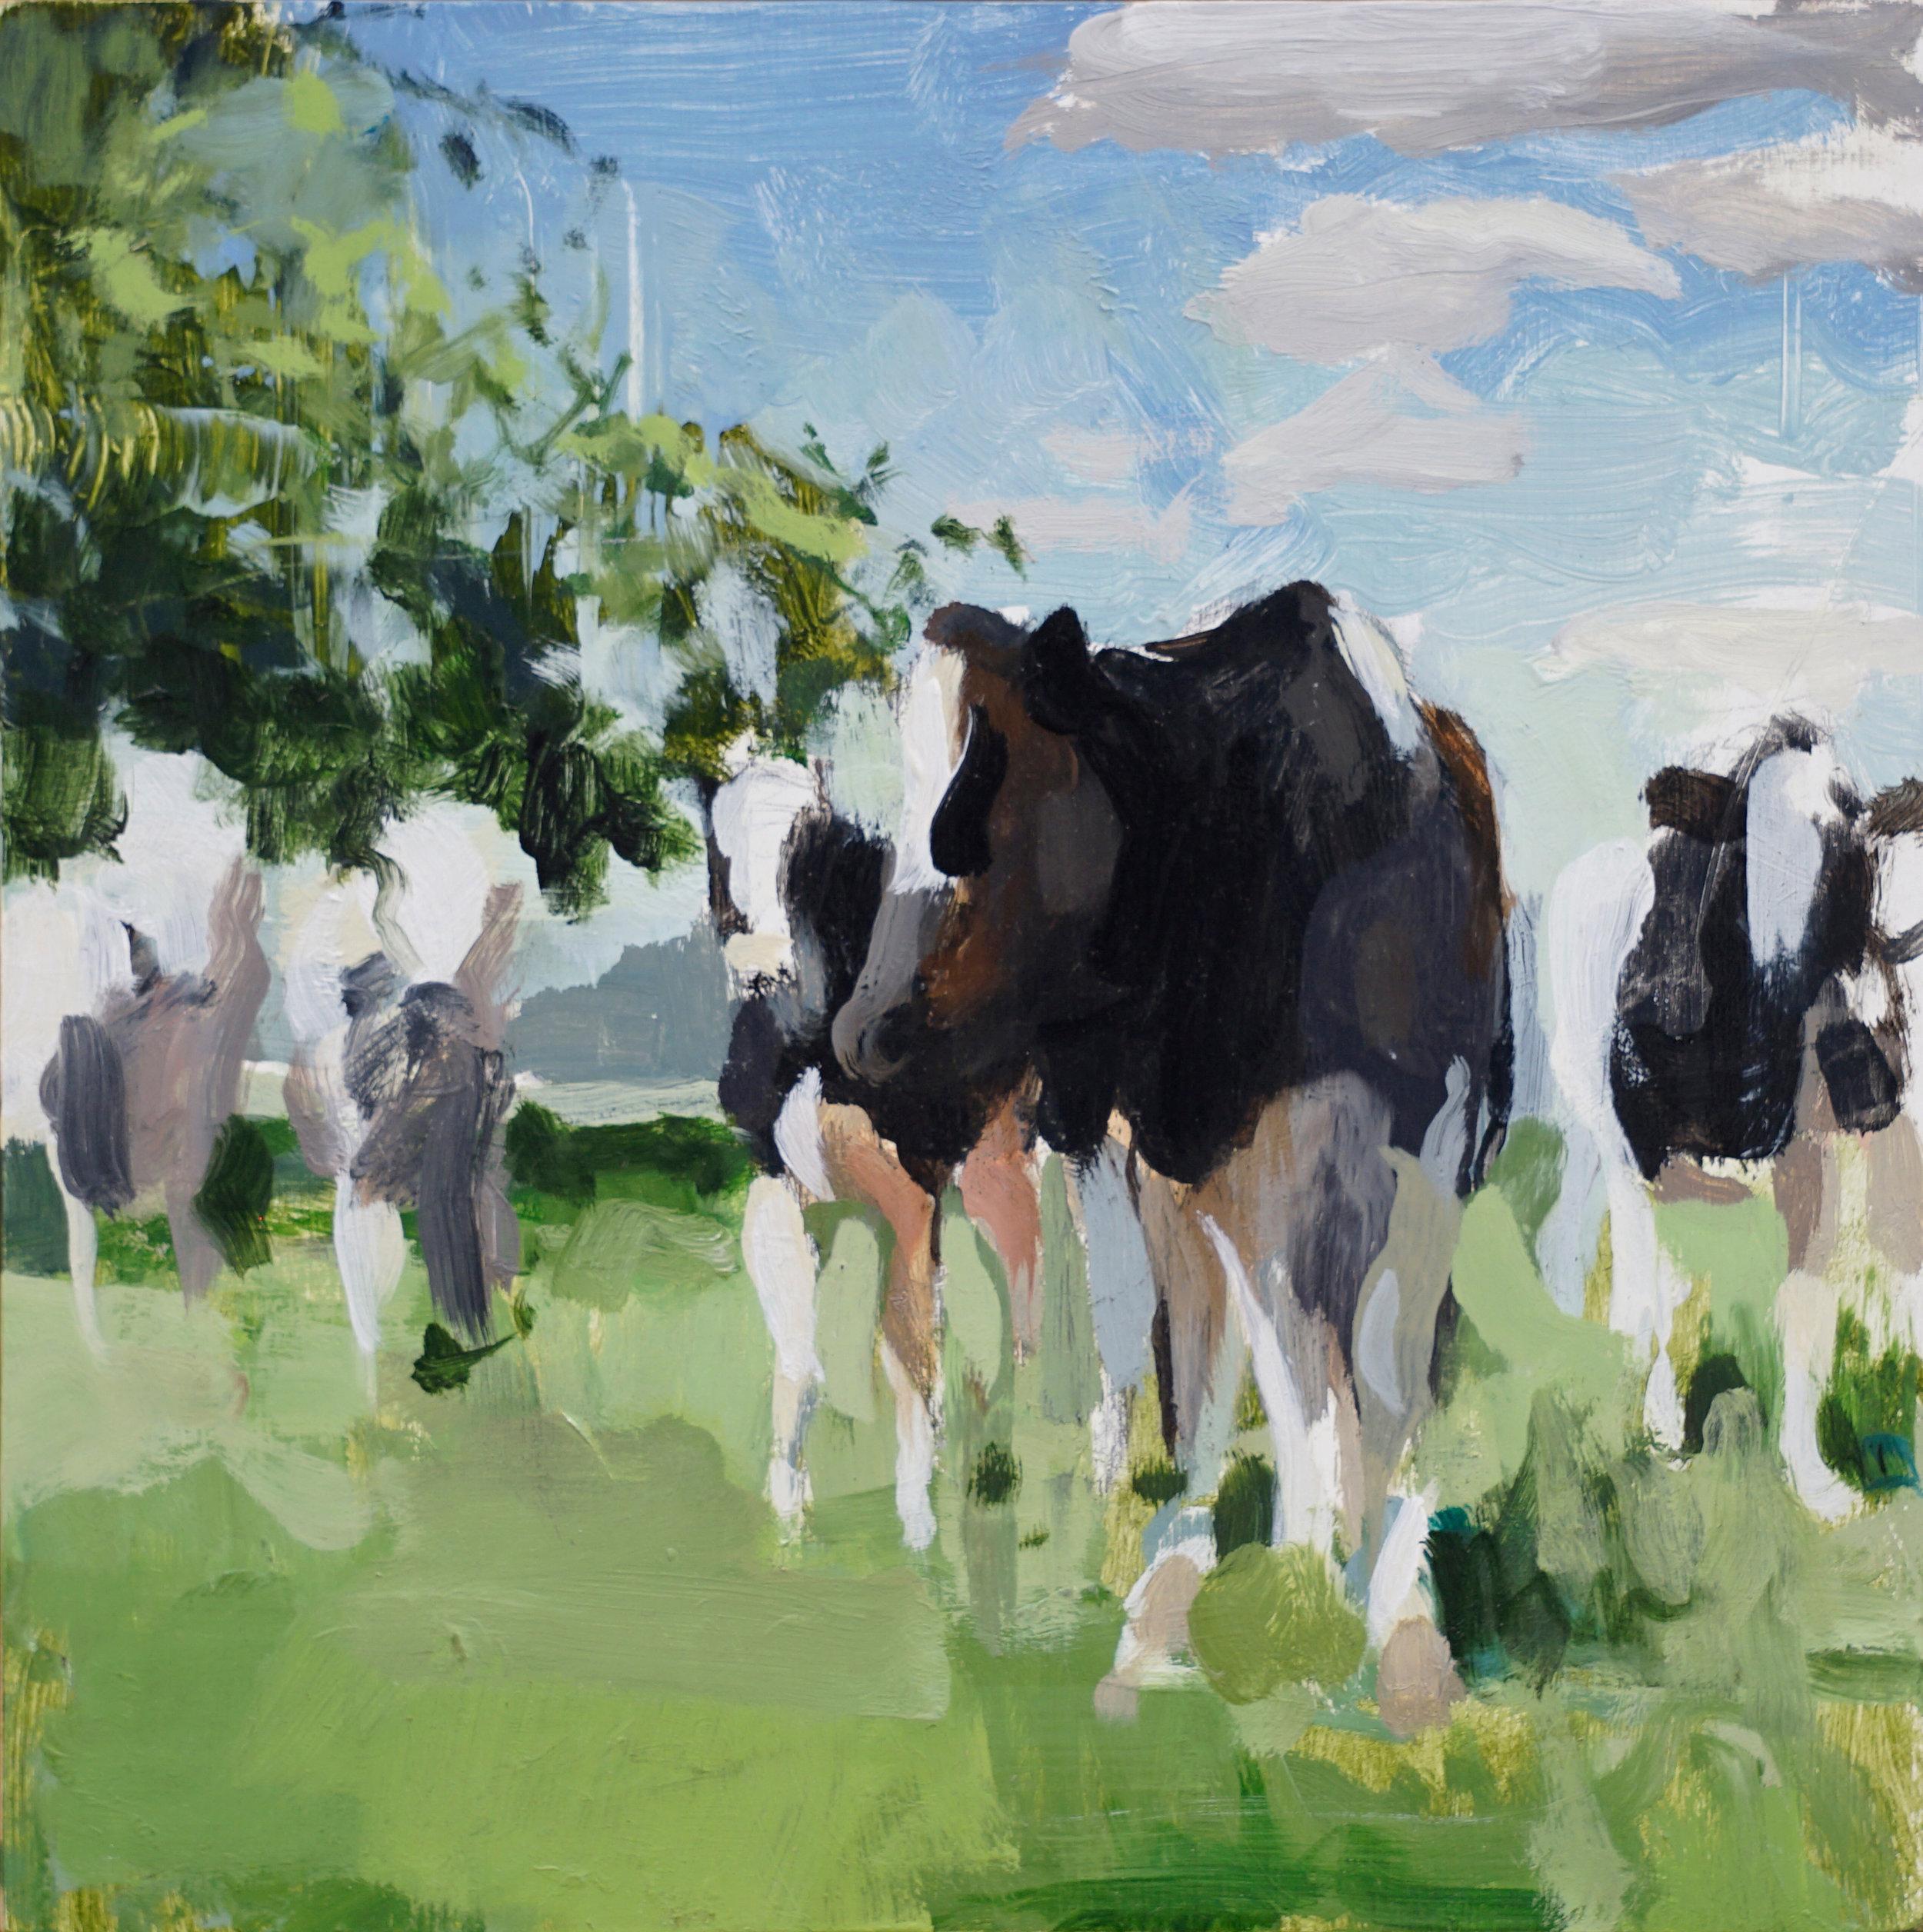 mark-crenshaw-1661-5-cows-a.jpg